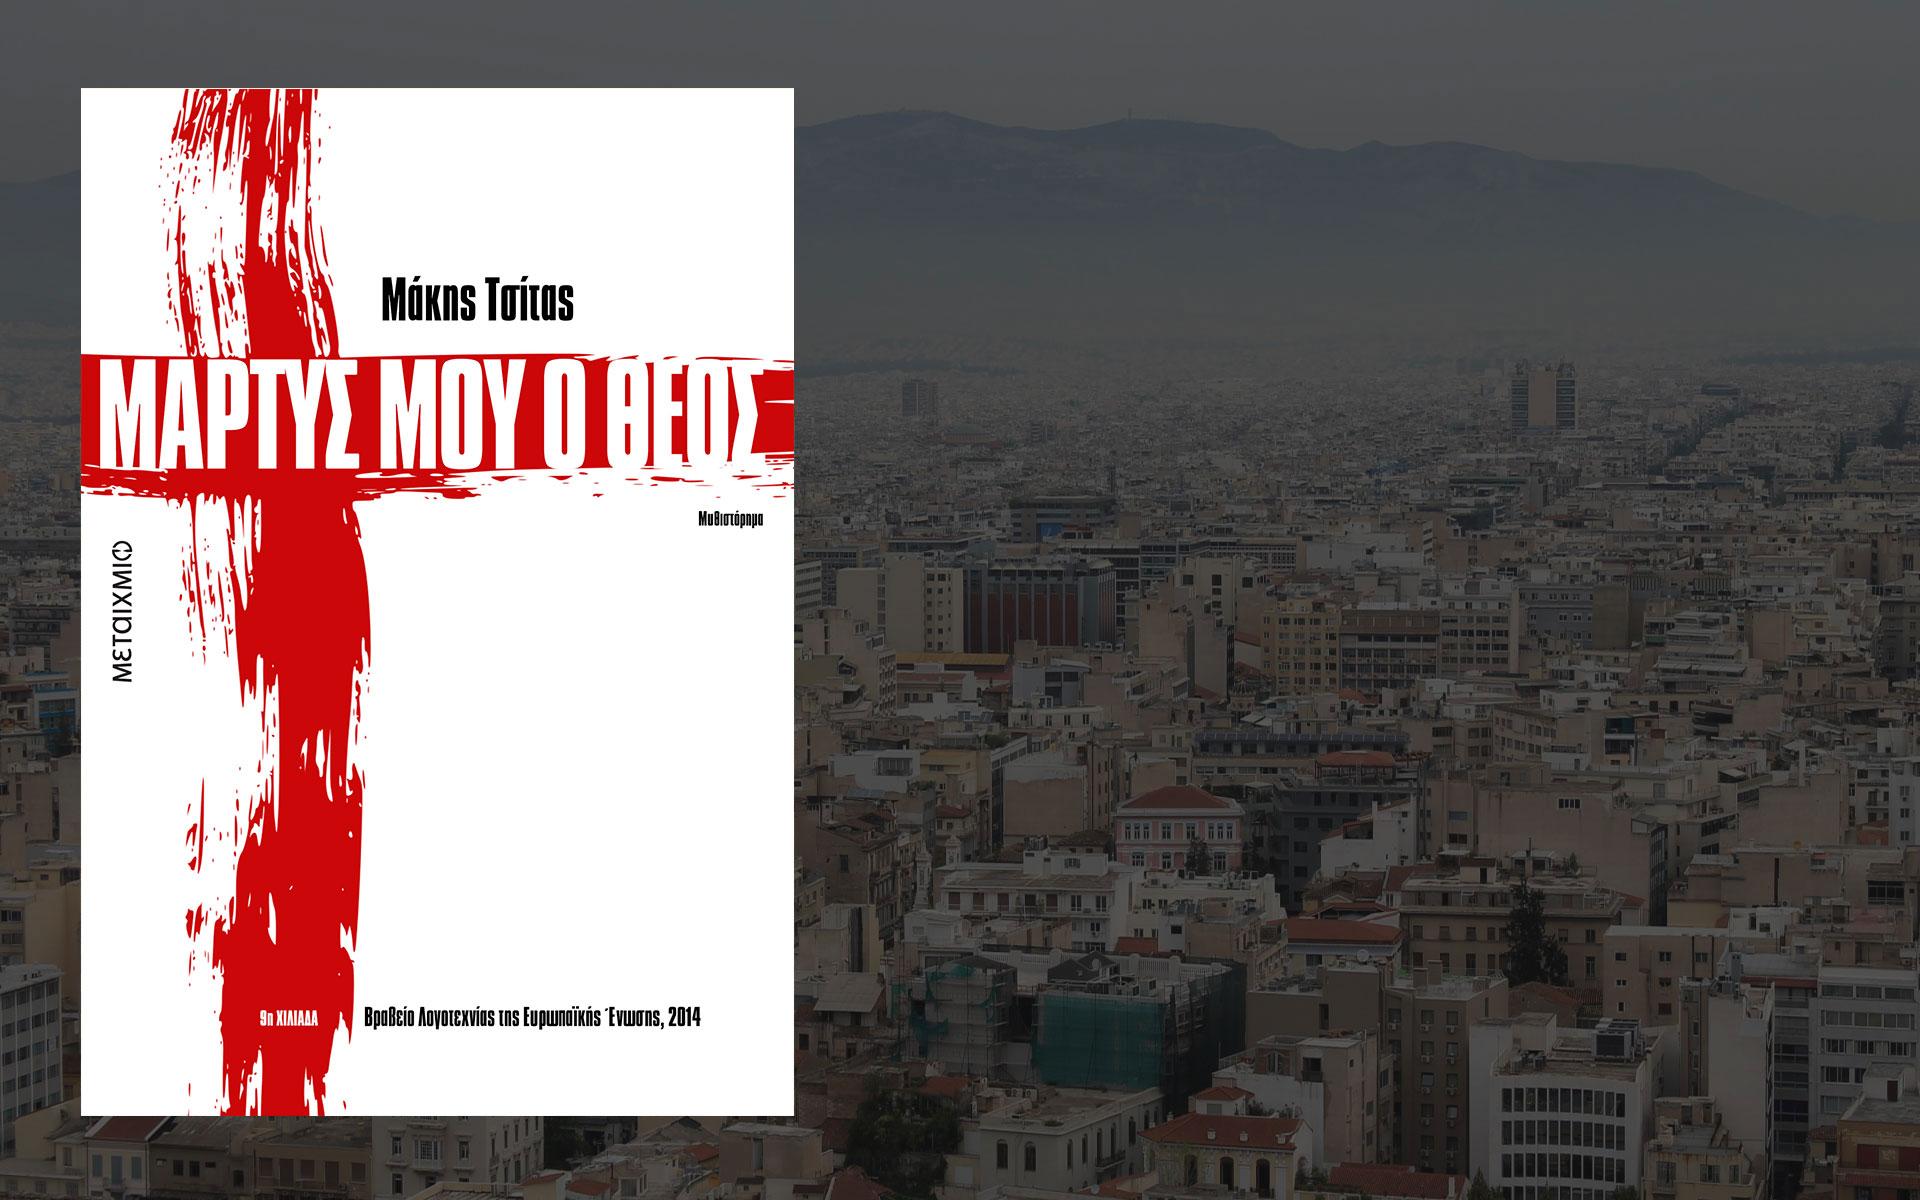 makis-tsitas-cover-04